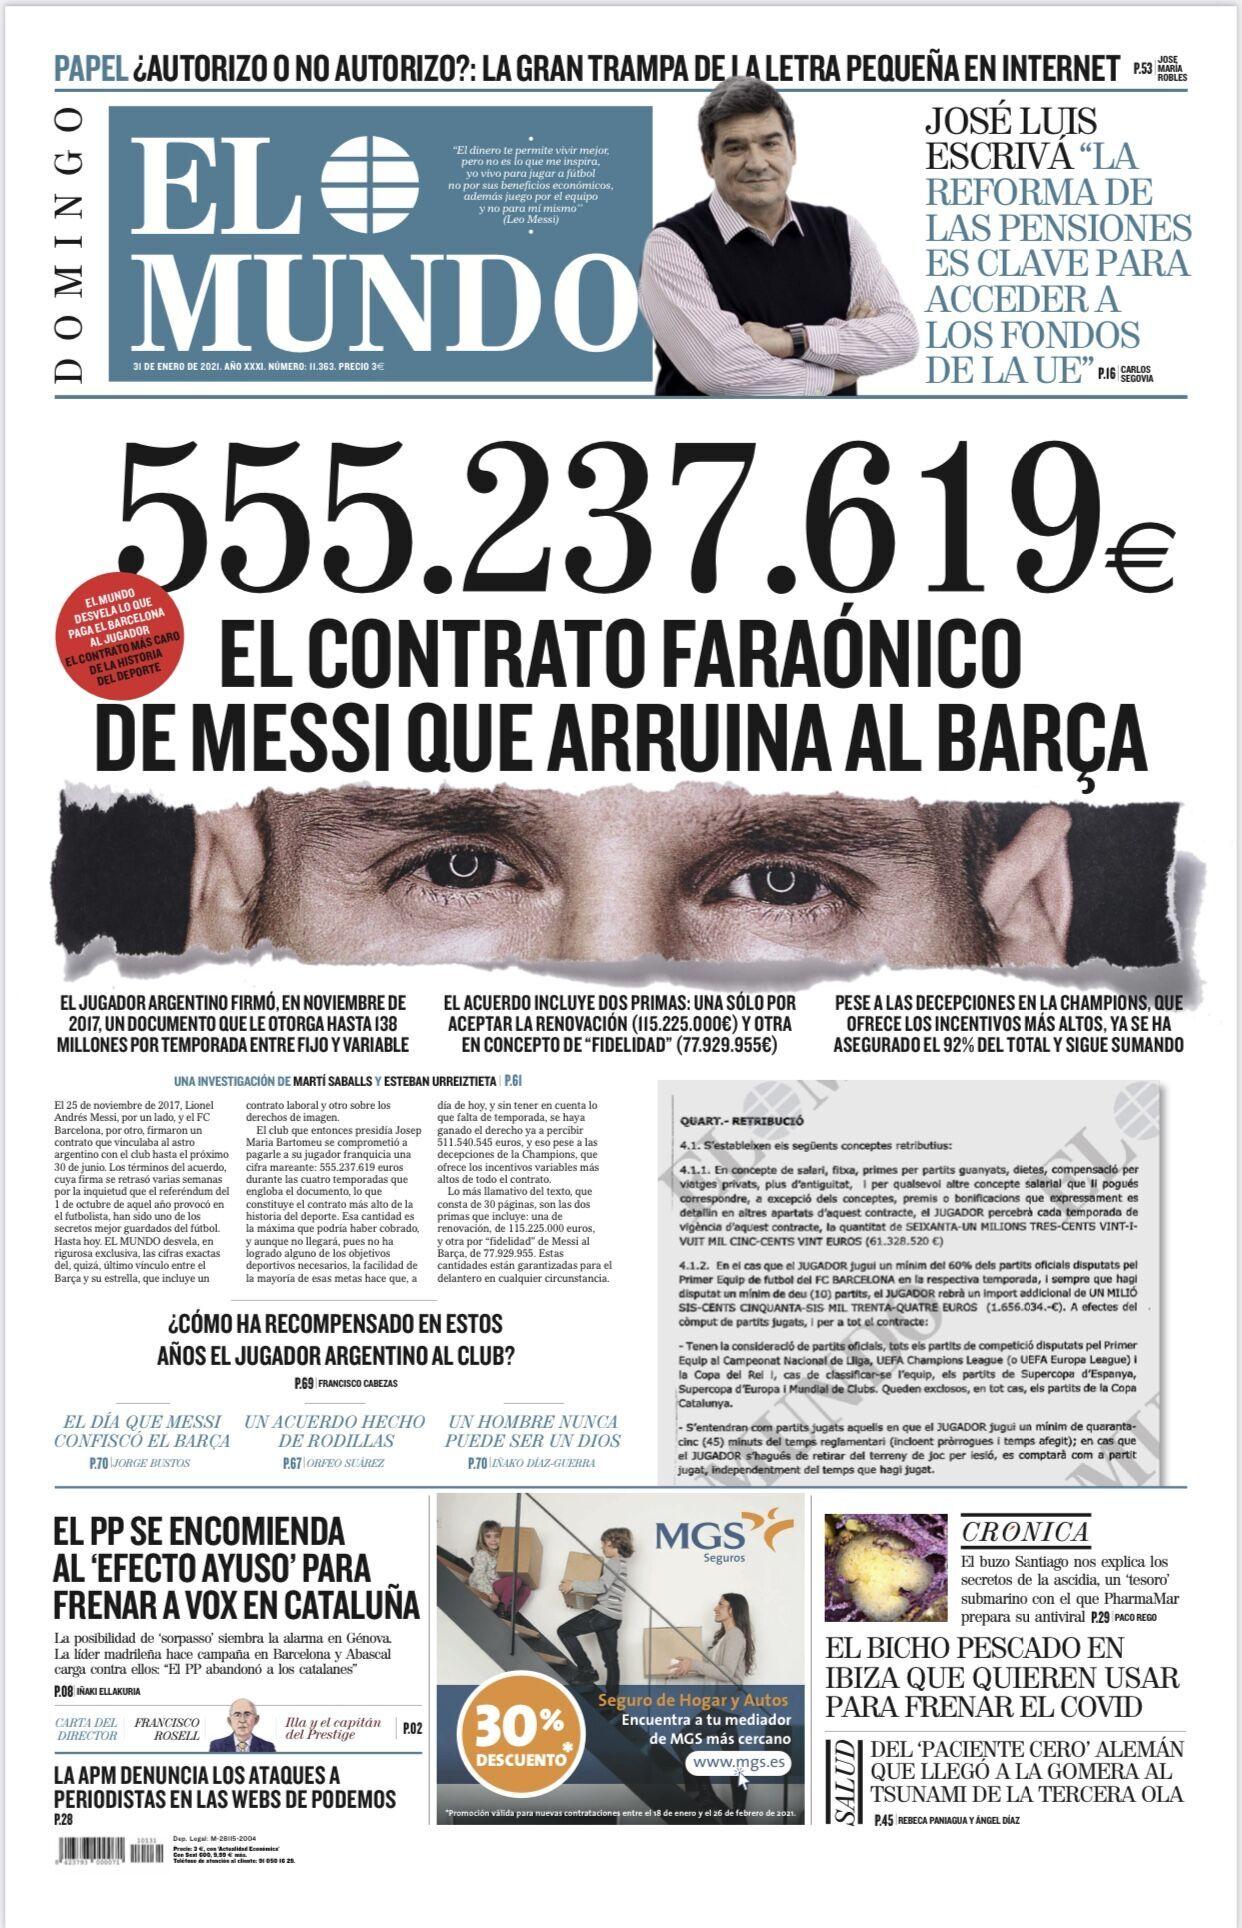 Обложка газета El Mundo